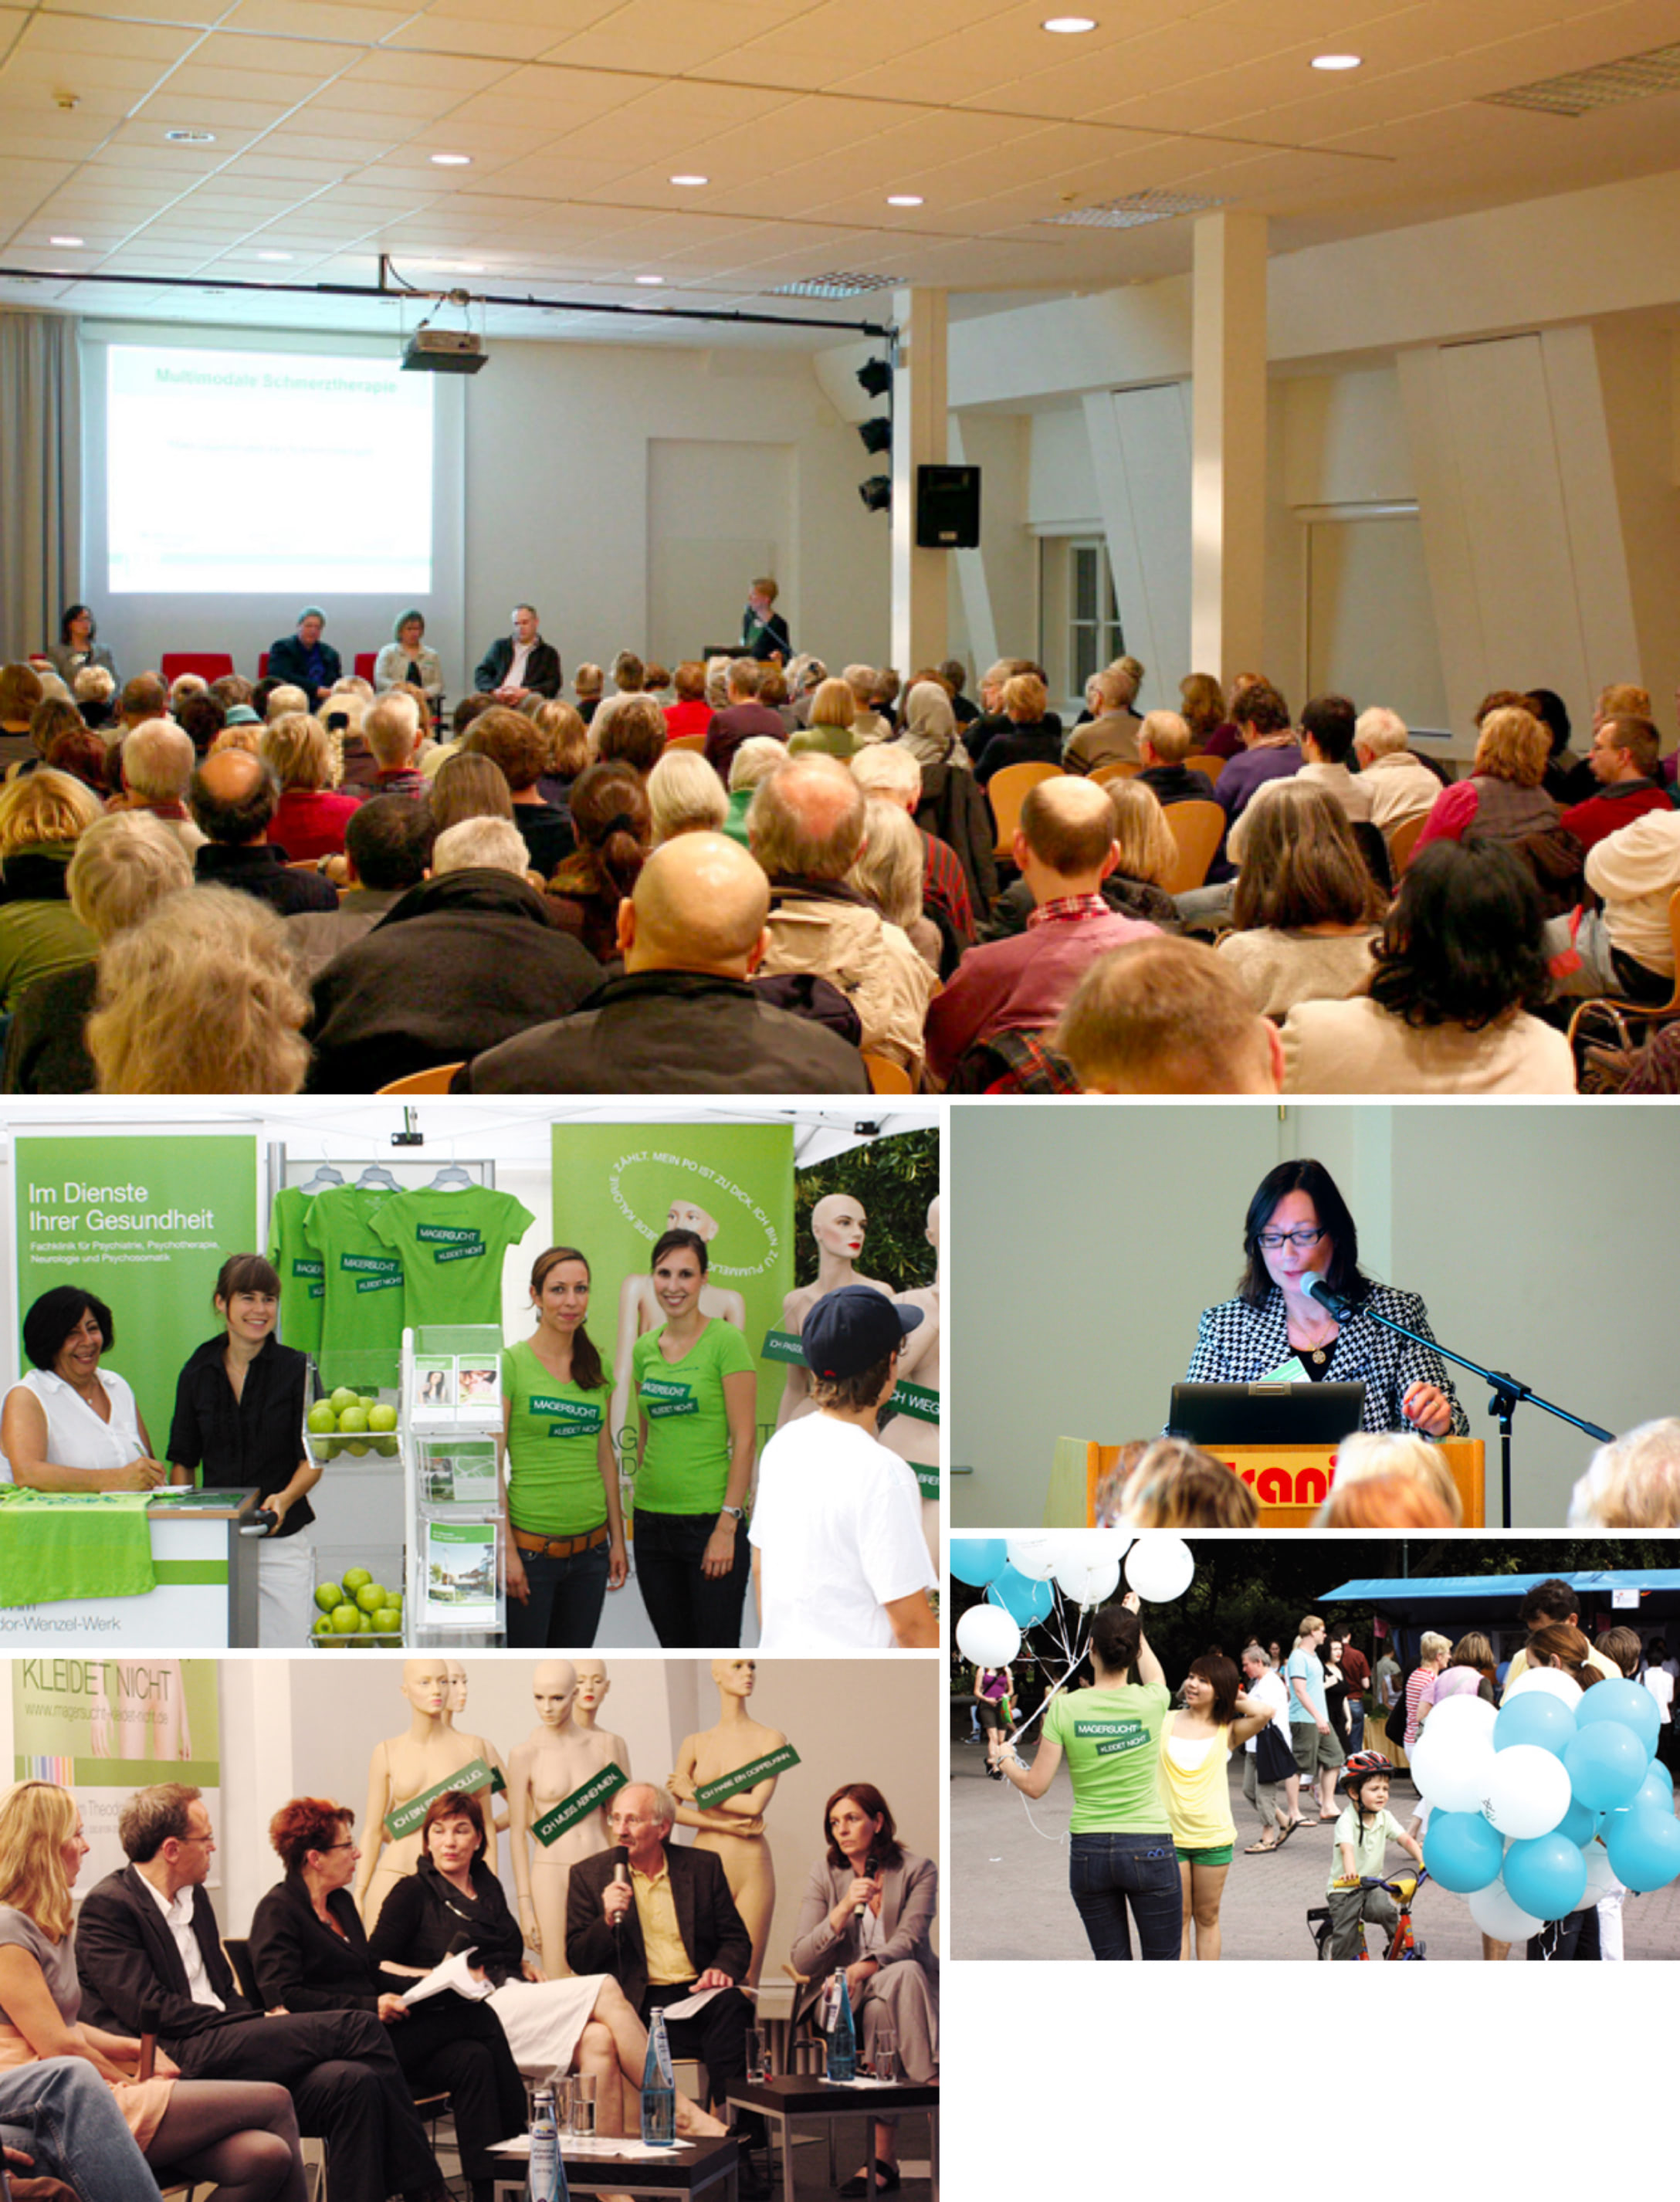 Collage von Bilder mit Impressionen der Bewerbung des von der Healthcare Werbeagentur mcs konzipierten Events und dem Event an sich